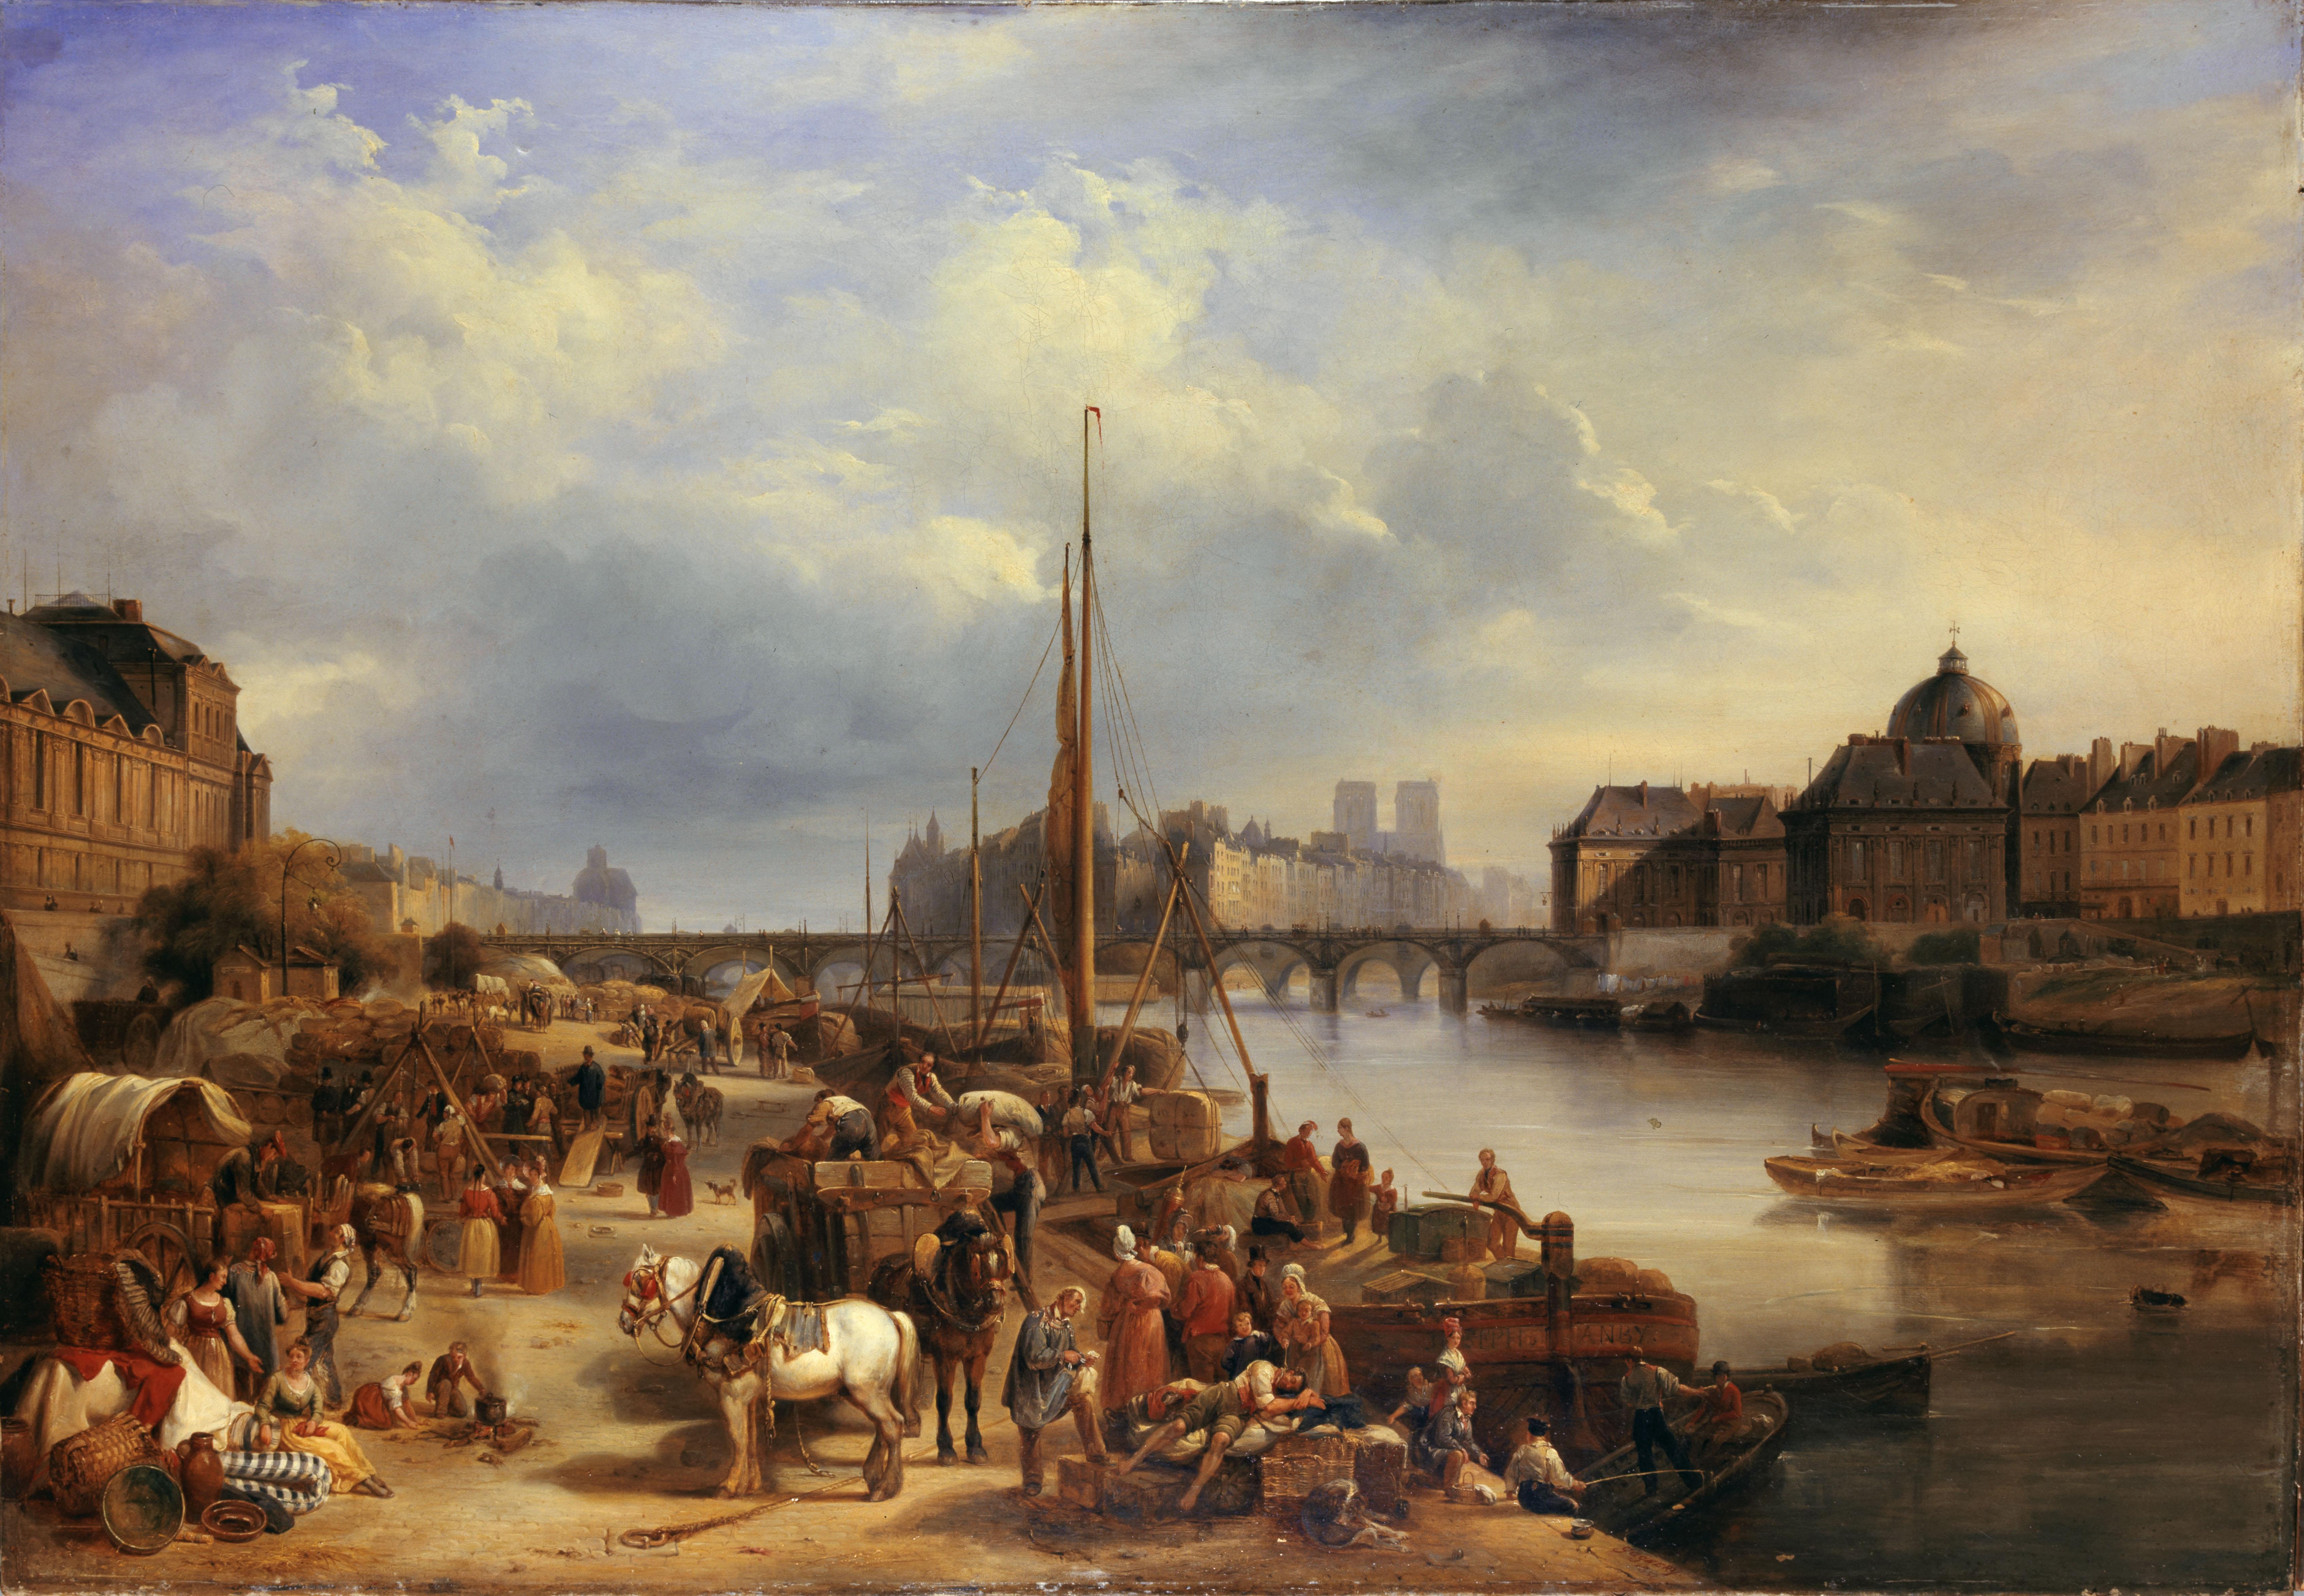 """Jean-Auguste Gagnery (nÈ en 1778). """"Le port Saint-Nicolas"""". Huile sur toile, 1834. Paris, musÈe Carnavalet."""